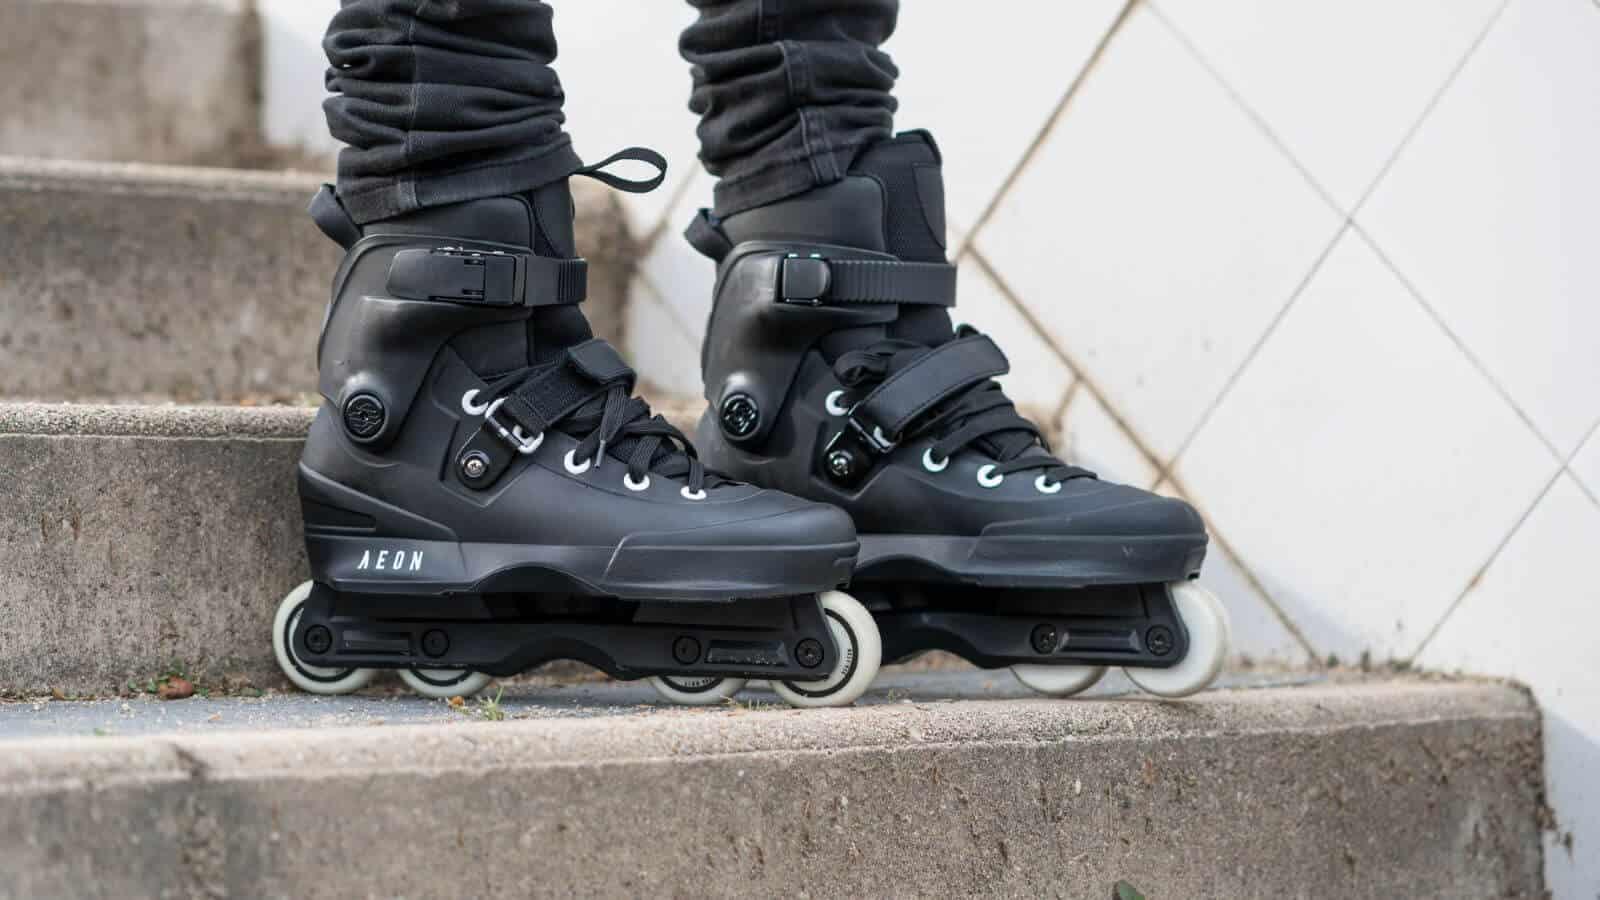 USD Aeon 60 Skates